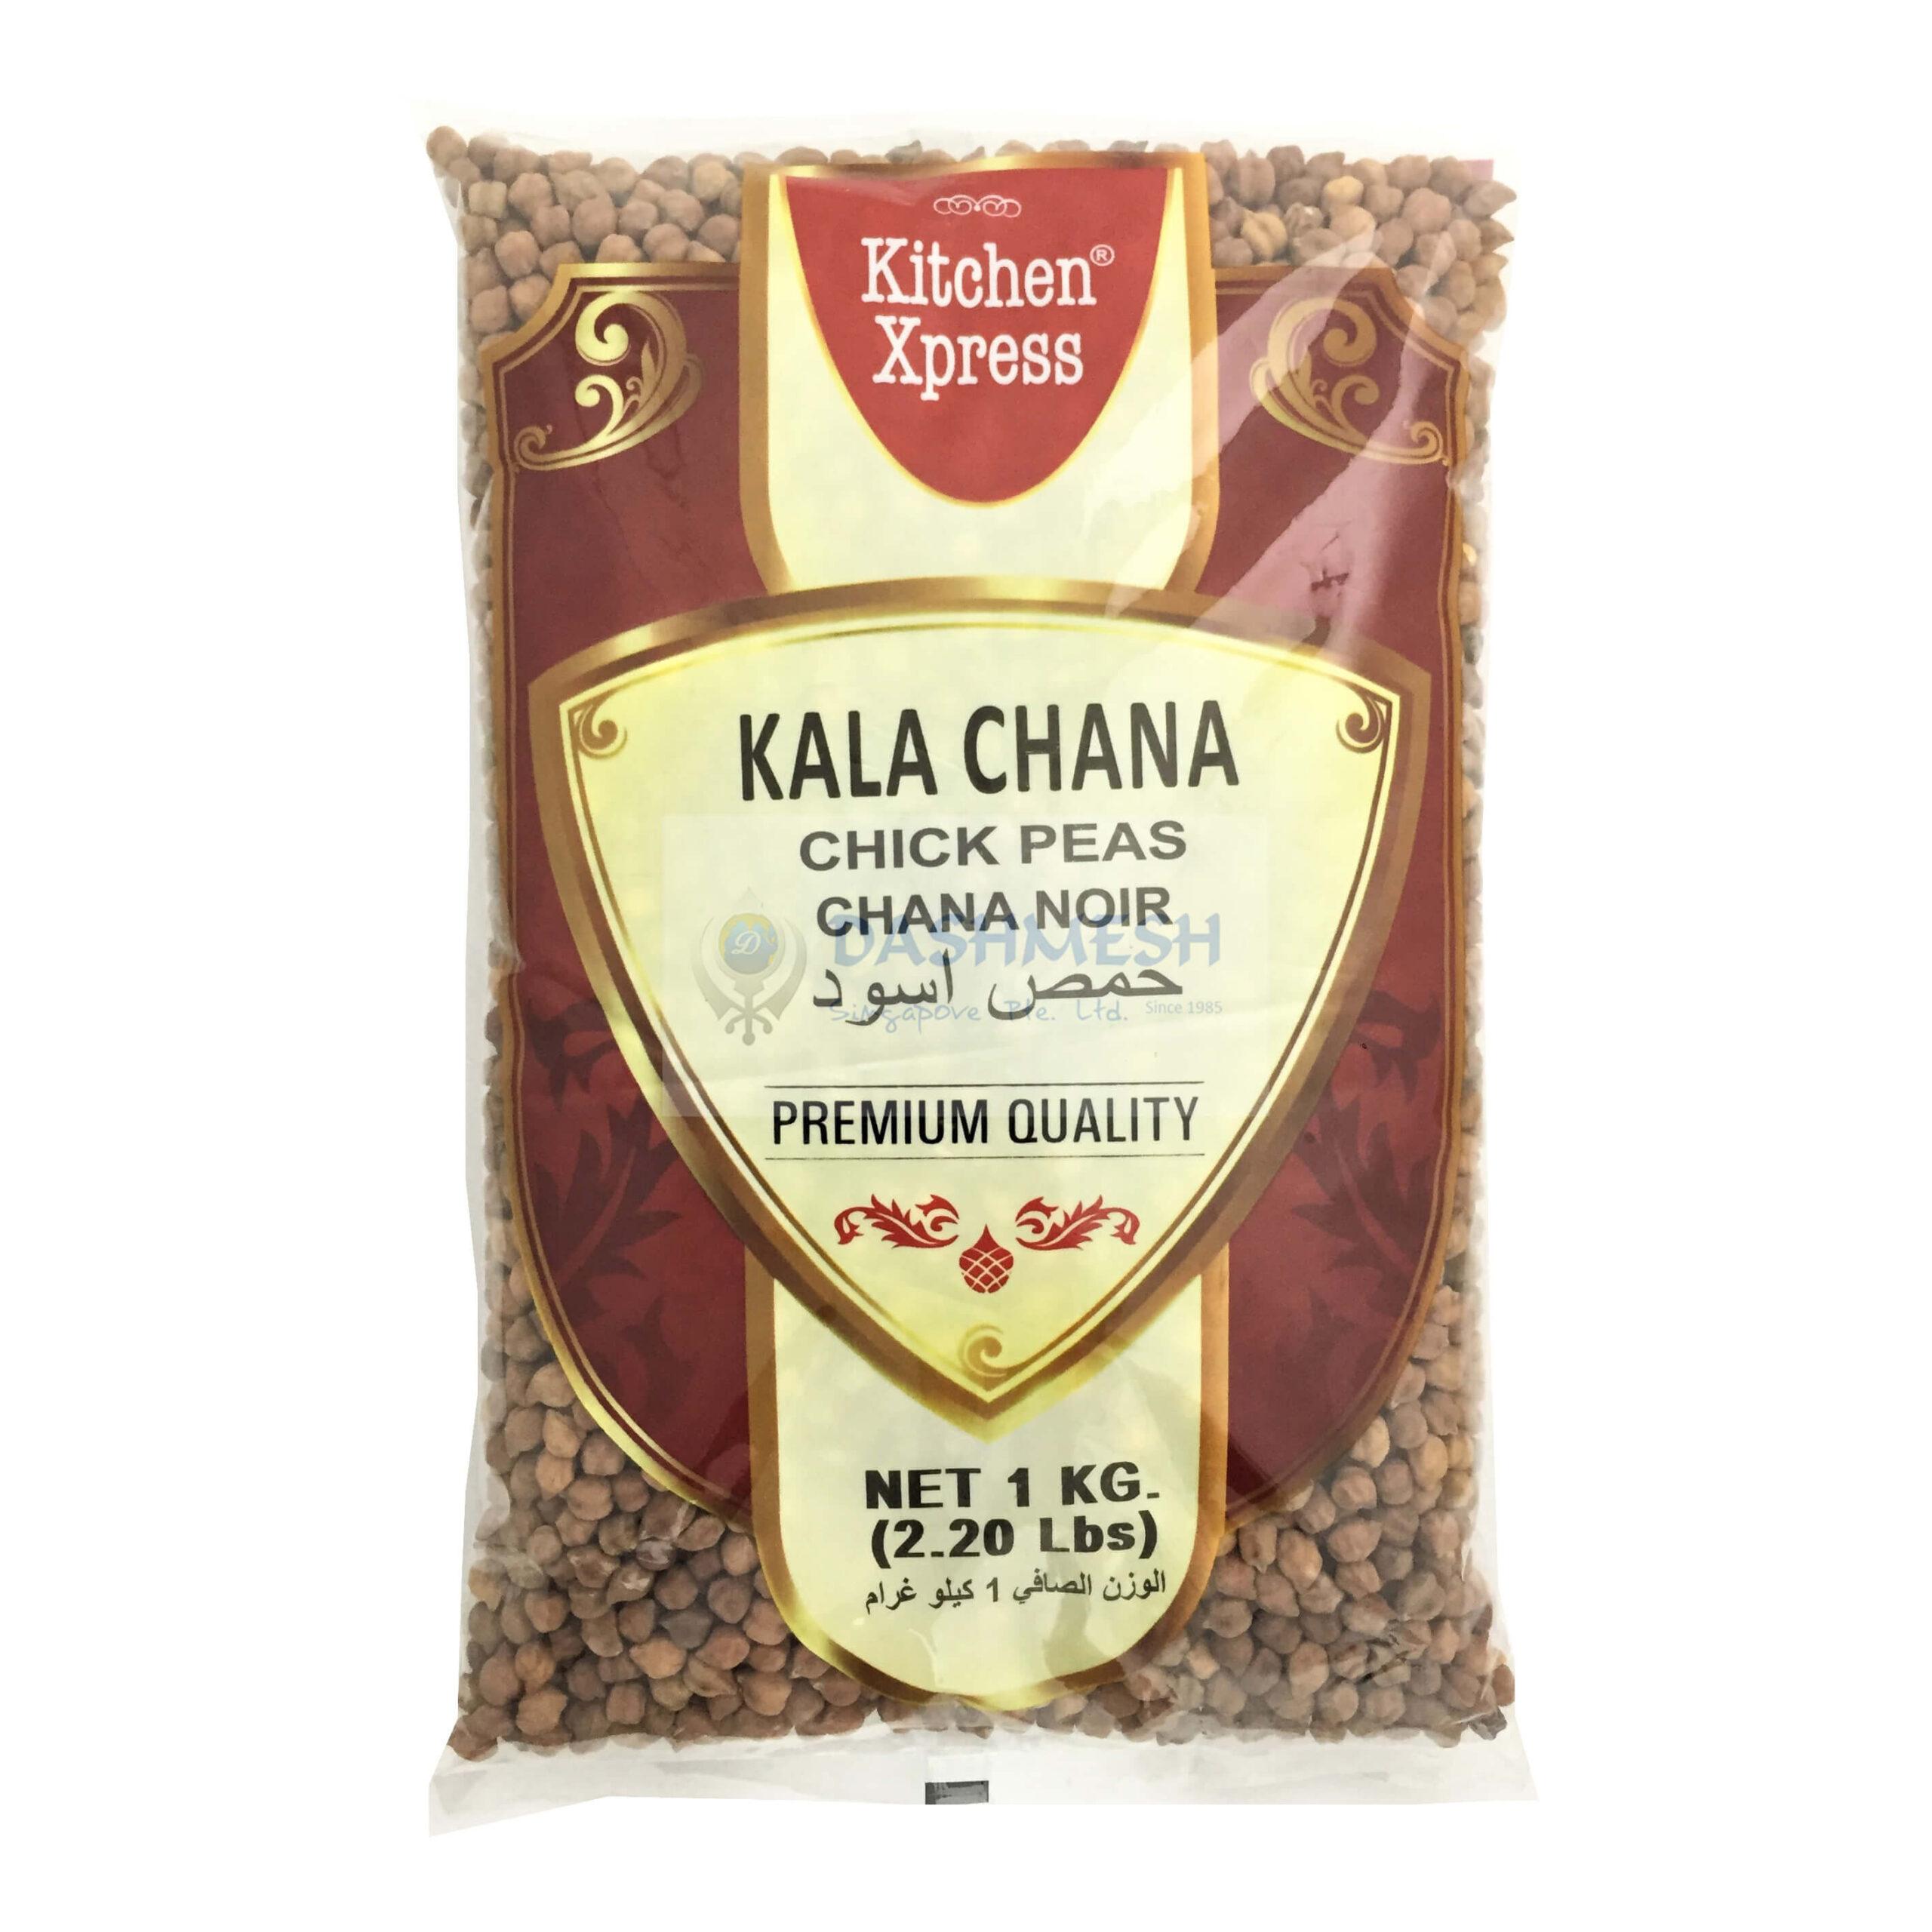 Kitchen Xpress Kala Chana 500g, 1Kg & 5Kg